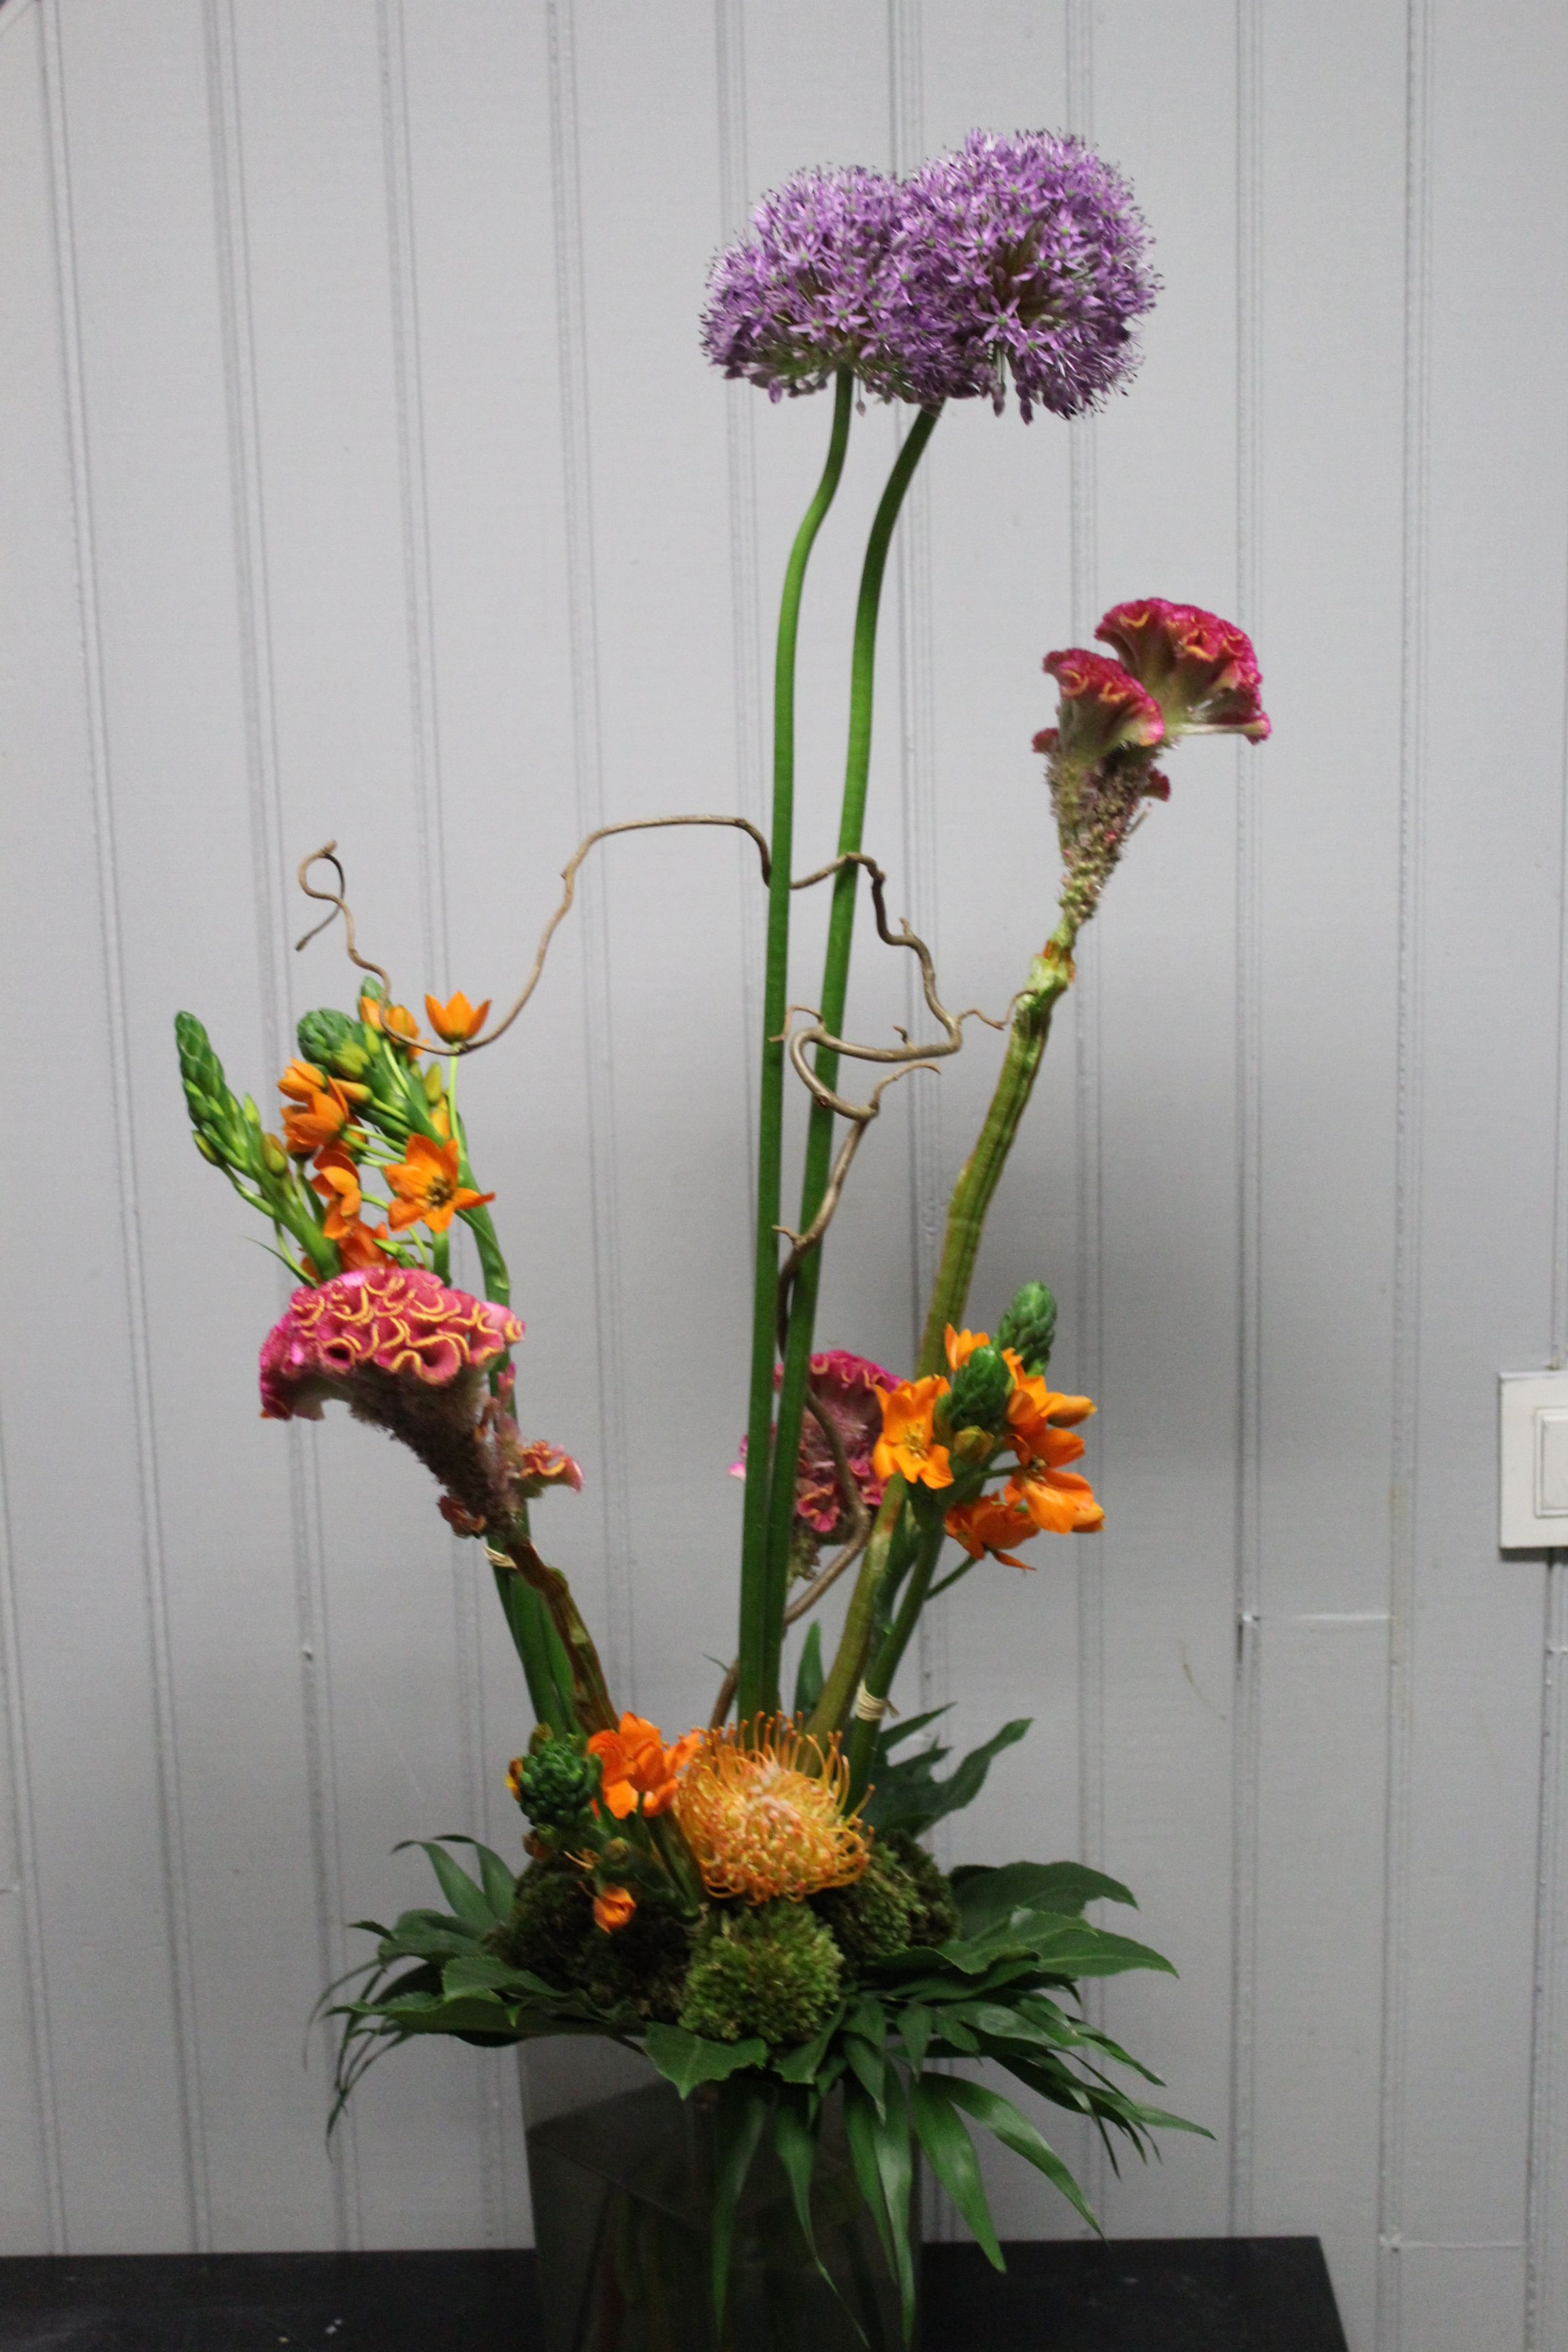 Premier Bouquet De Style Lineaire Expression Verticale Graphique Realise Par Les Cap 1 Ere Annee Avril 2019 Cfa Blagnac France Floral Art Floral Plants